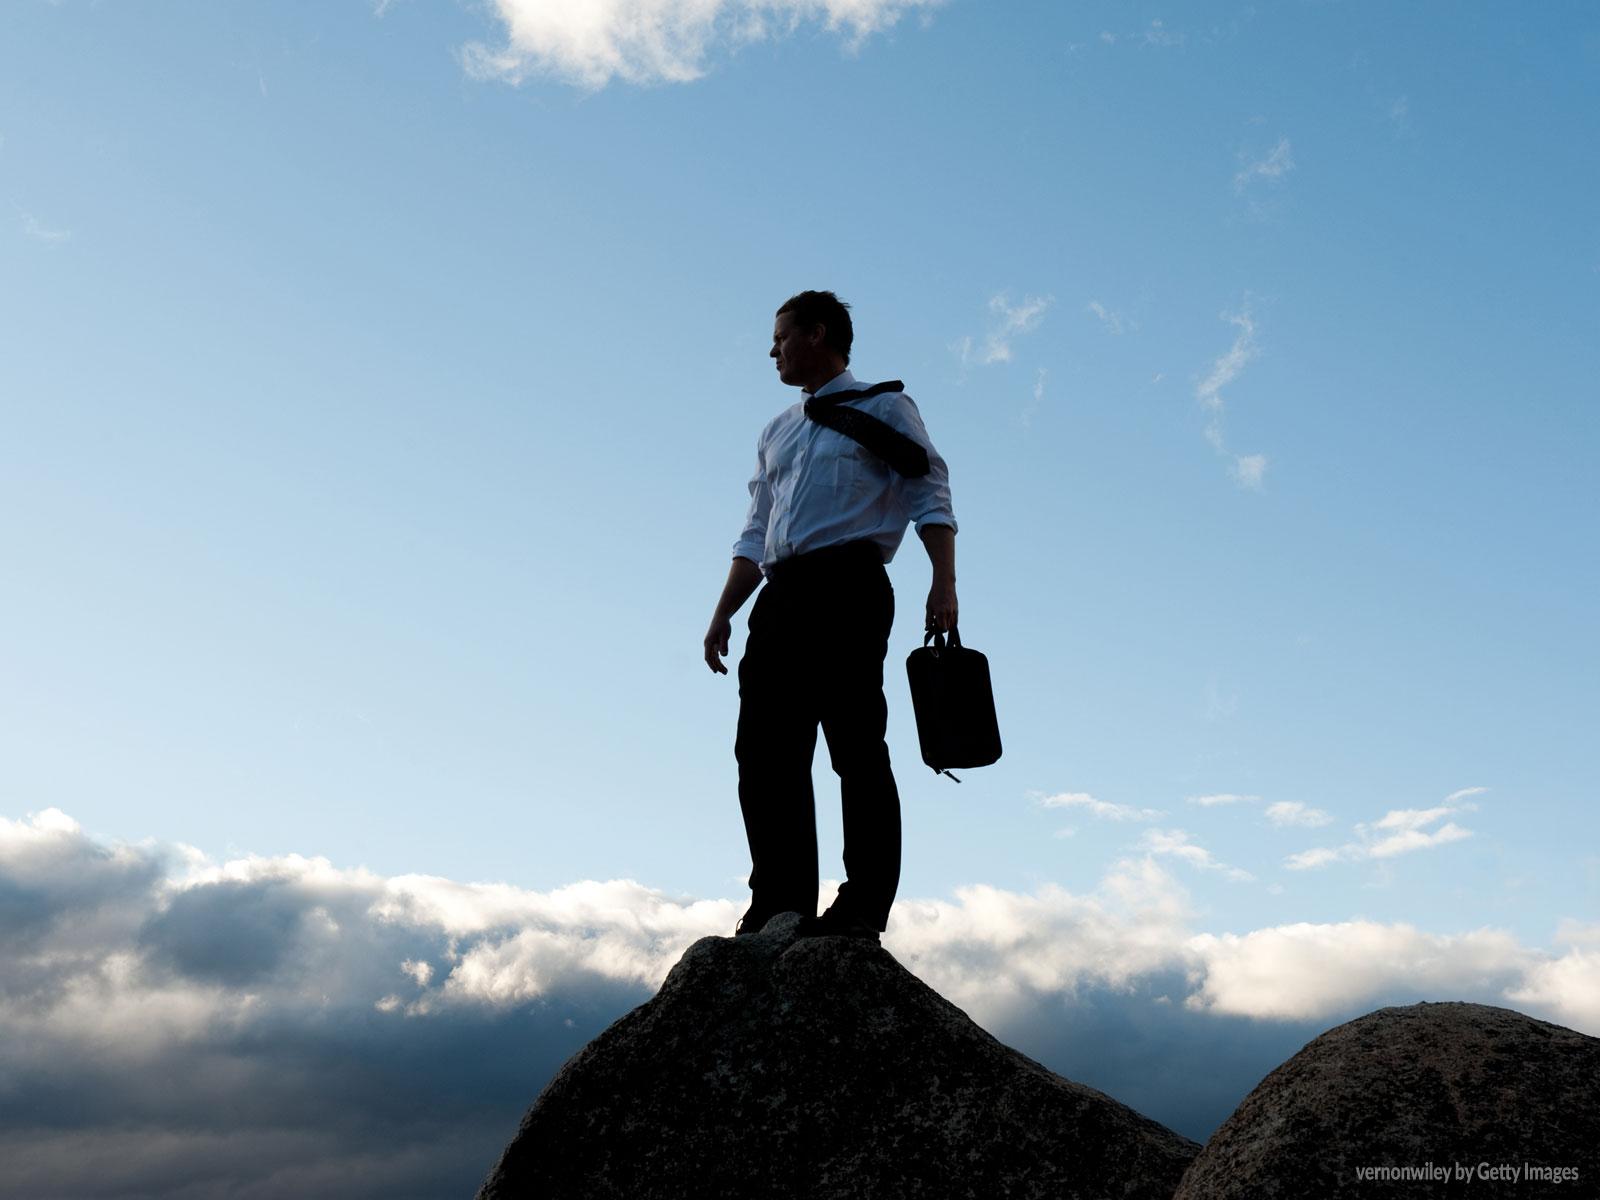 Transformando-os-problemas-em-desafios-para-seguir-em-frente